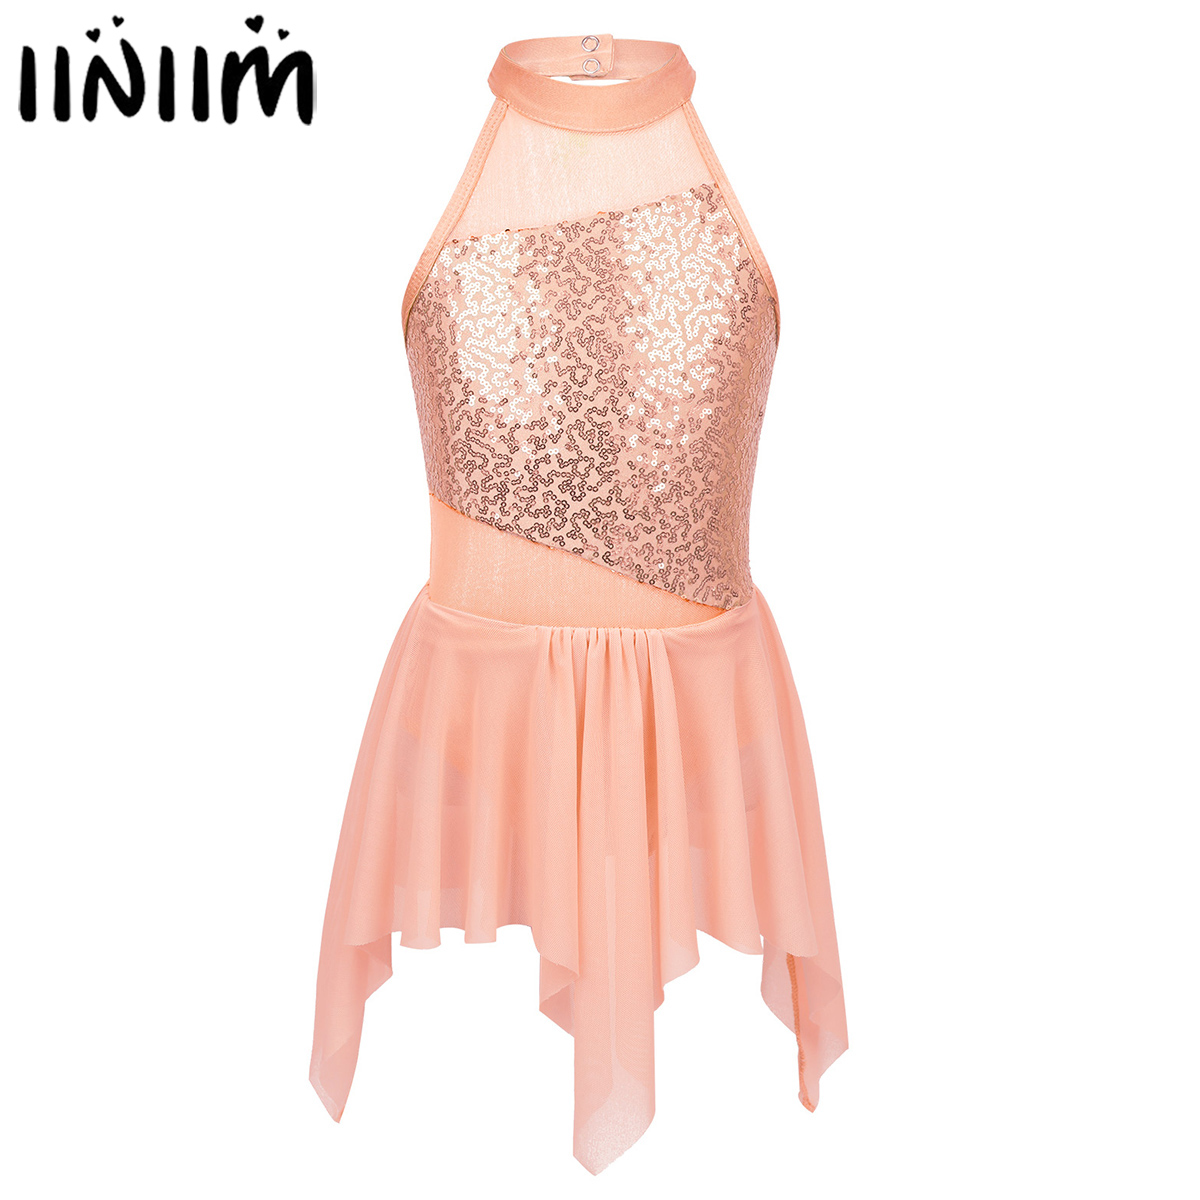 inlzdz Kids Girls Sequined Glitter Fitness Crop Top Dancewear Ballet Dance Gymnastic Costumes Black 2 Years